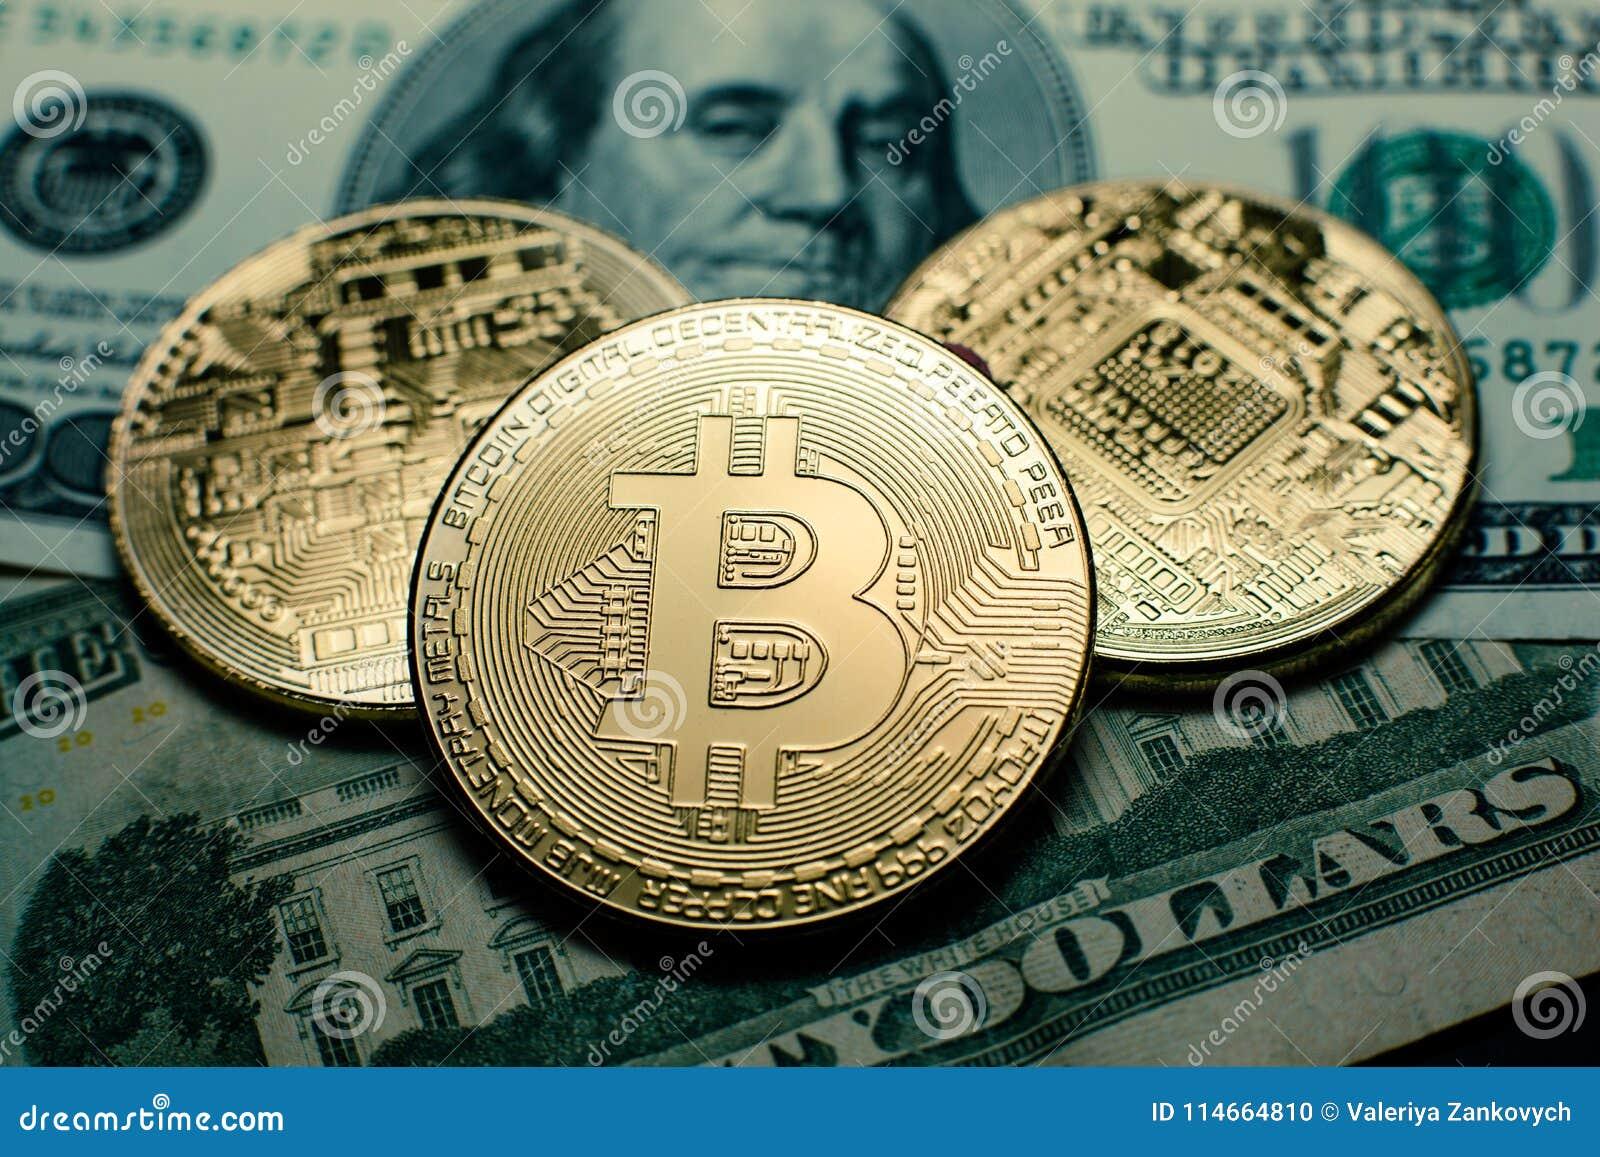 104 bitcoin in dollars